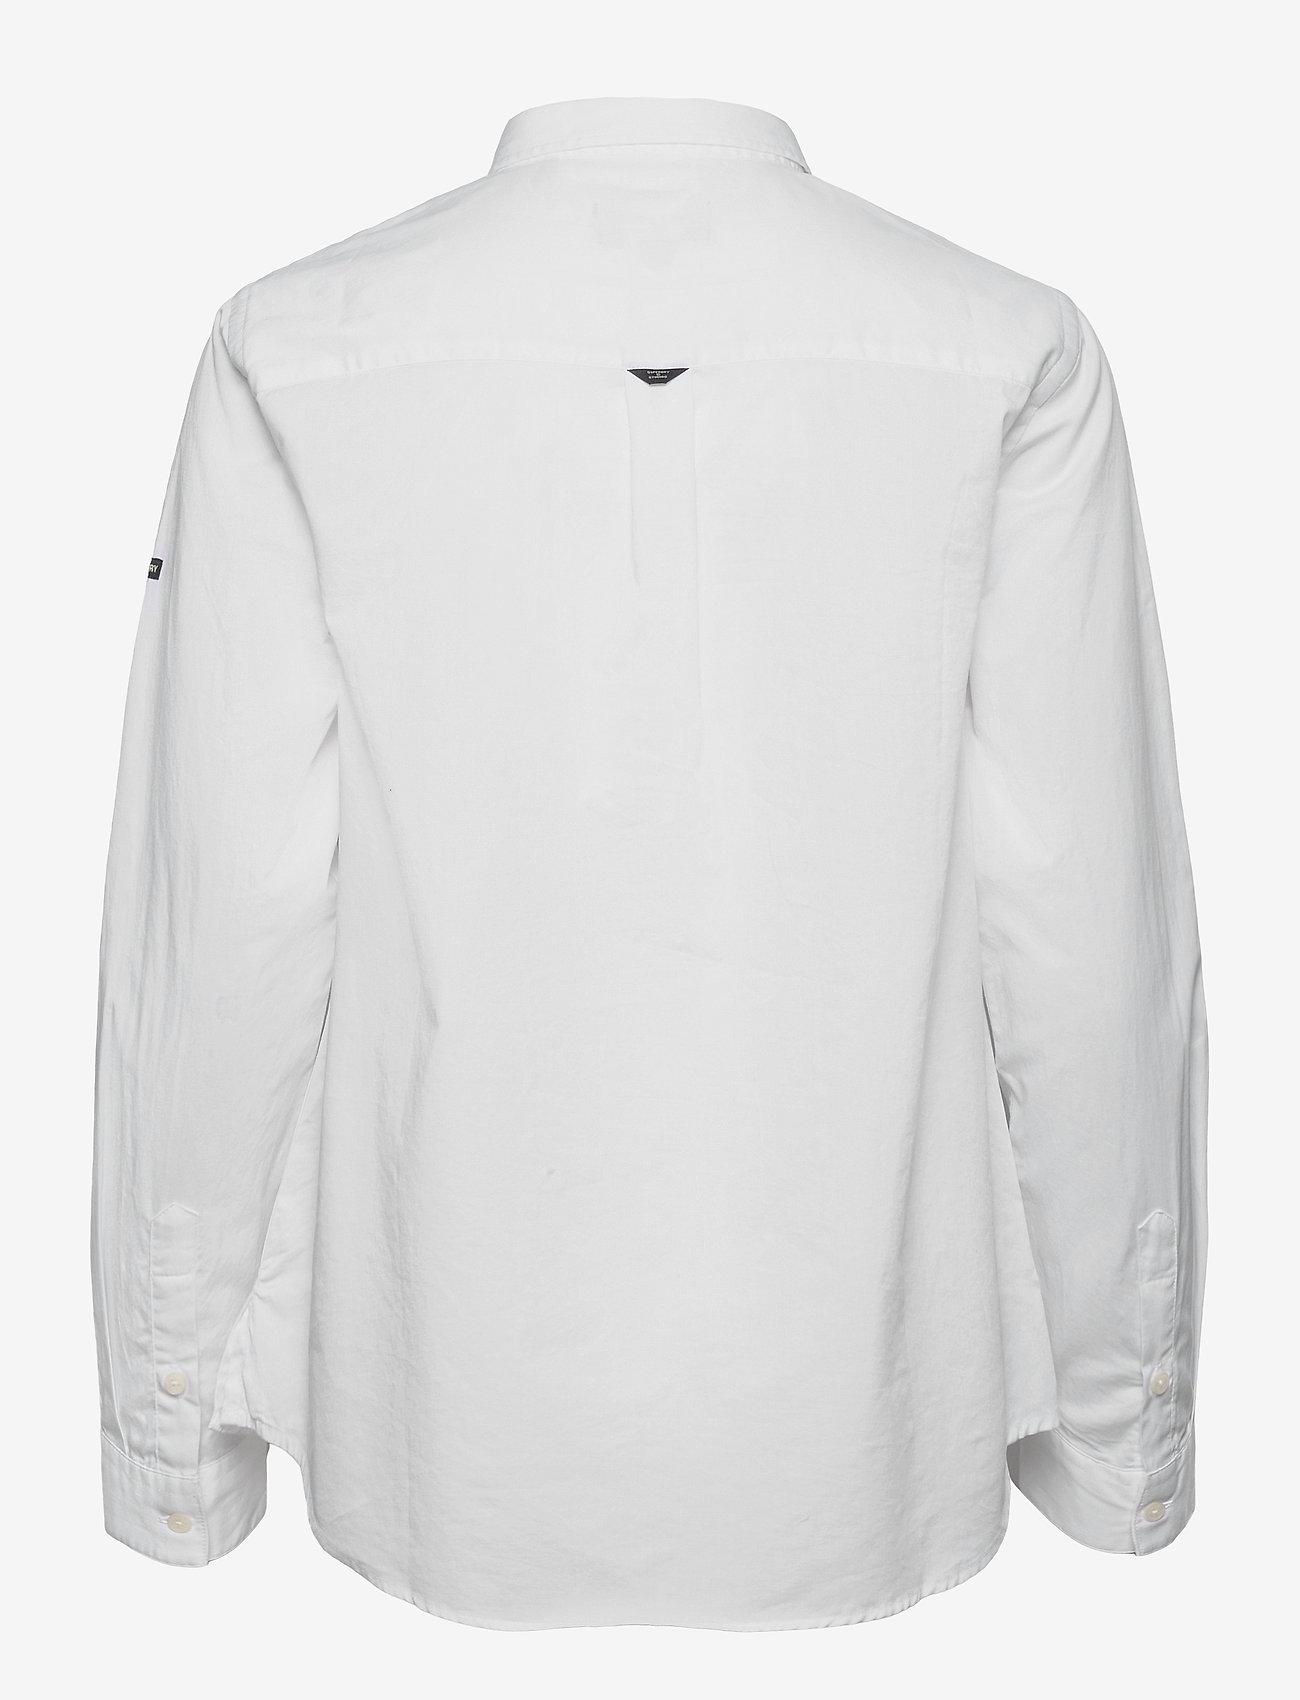 Superdry - MODERN TAILOR LS SHIRT - langærmede skjorter - optic - 1